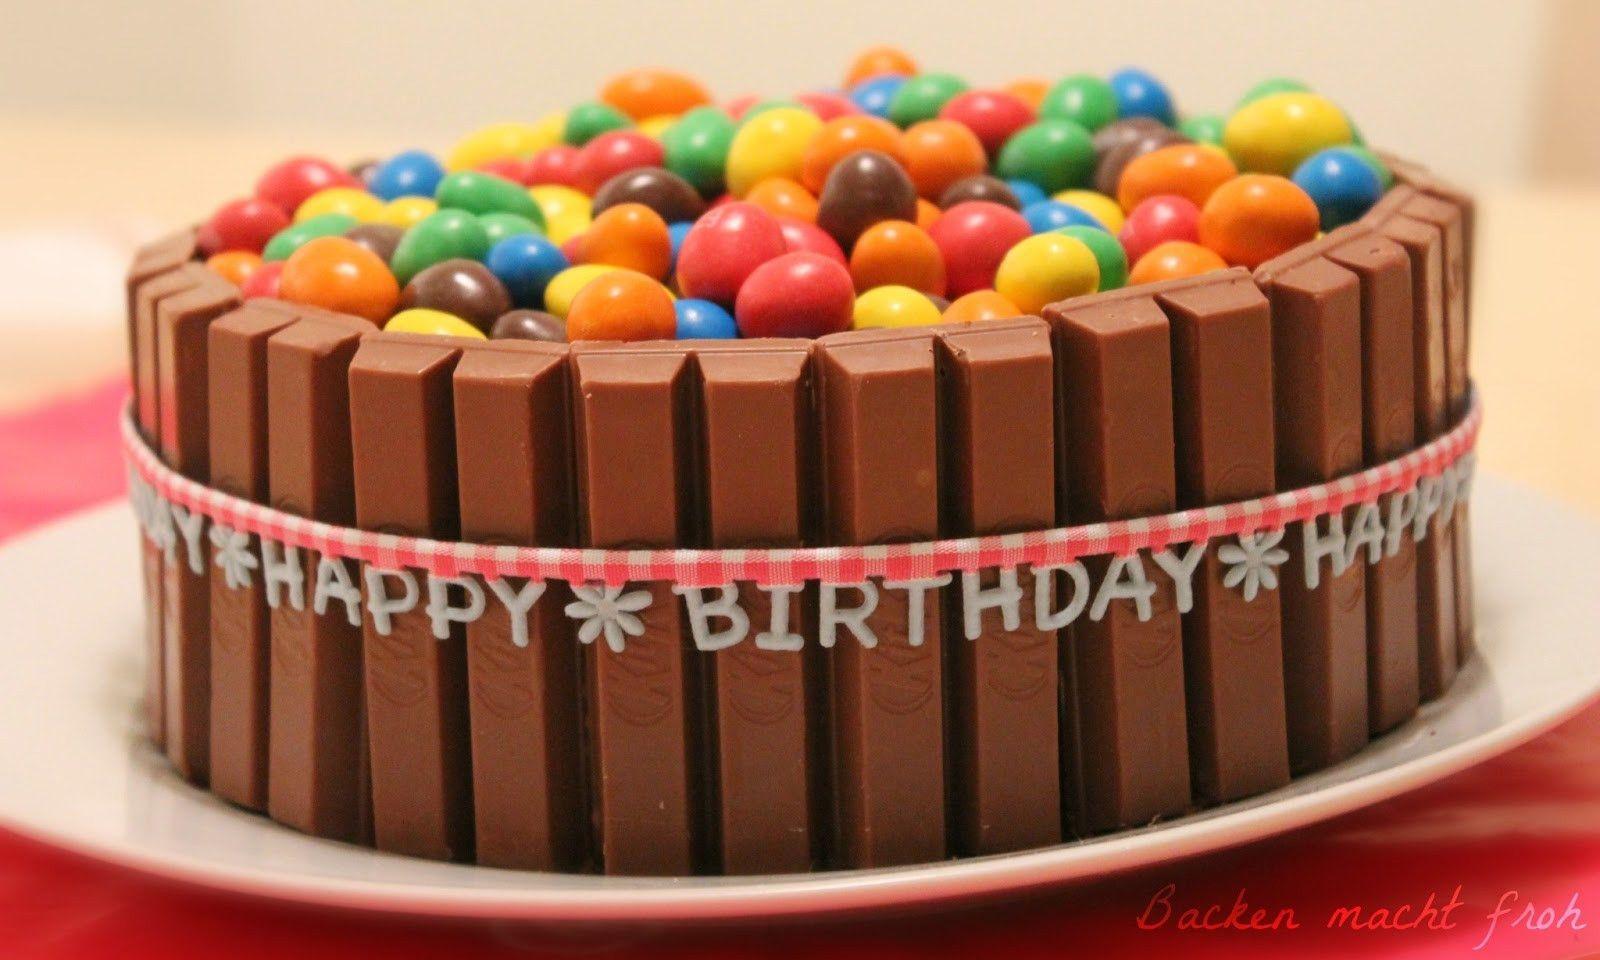 Geburtstagskuchen Bild Luxury Geburtstagskuchen Einfach Backen Geburtstagstorte Geburtstagsgeschenke Karten Geburtstagskuchen Freundin Geburtstagskuchen Bilder Und Geburtstagstorte